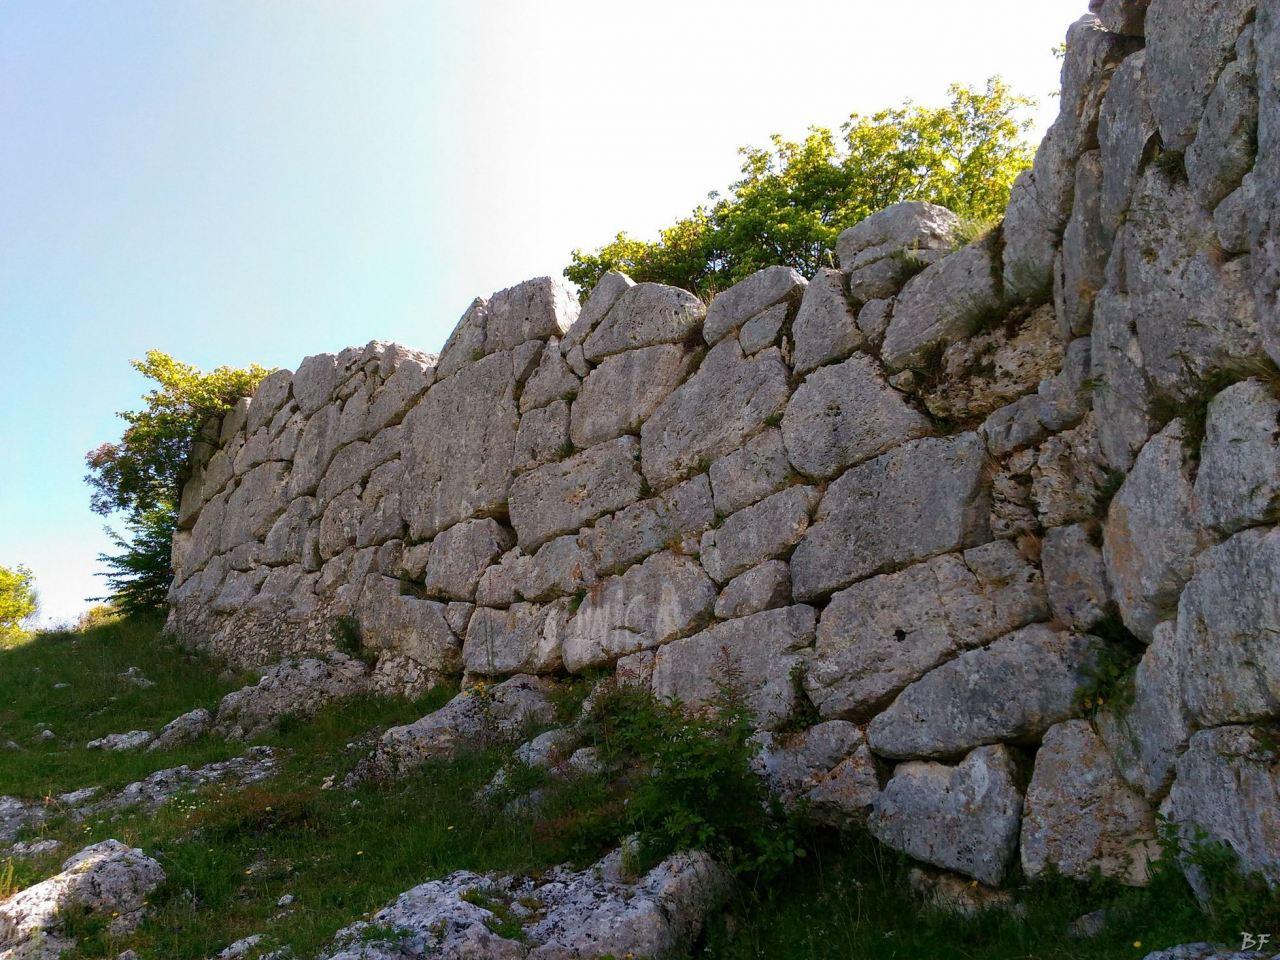 Signia-Mura-Poligonali-Megalitiche-Segni-Roma-Lazio-Italia-25